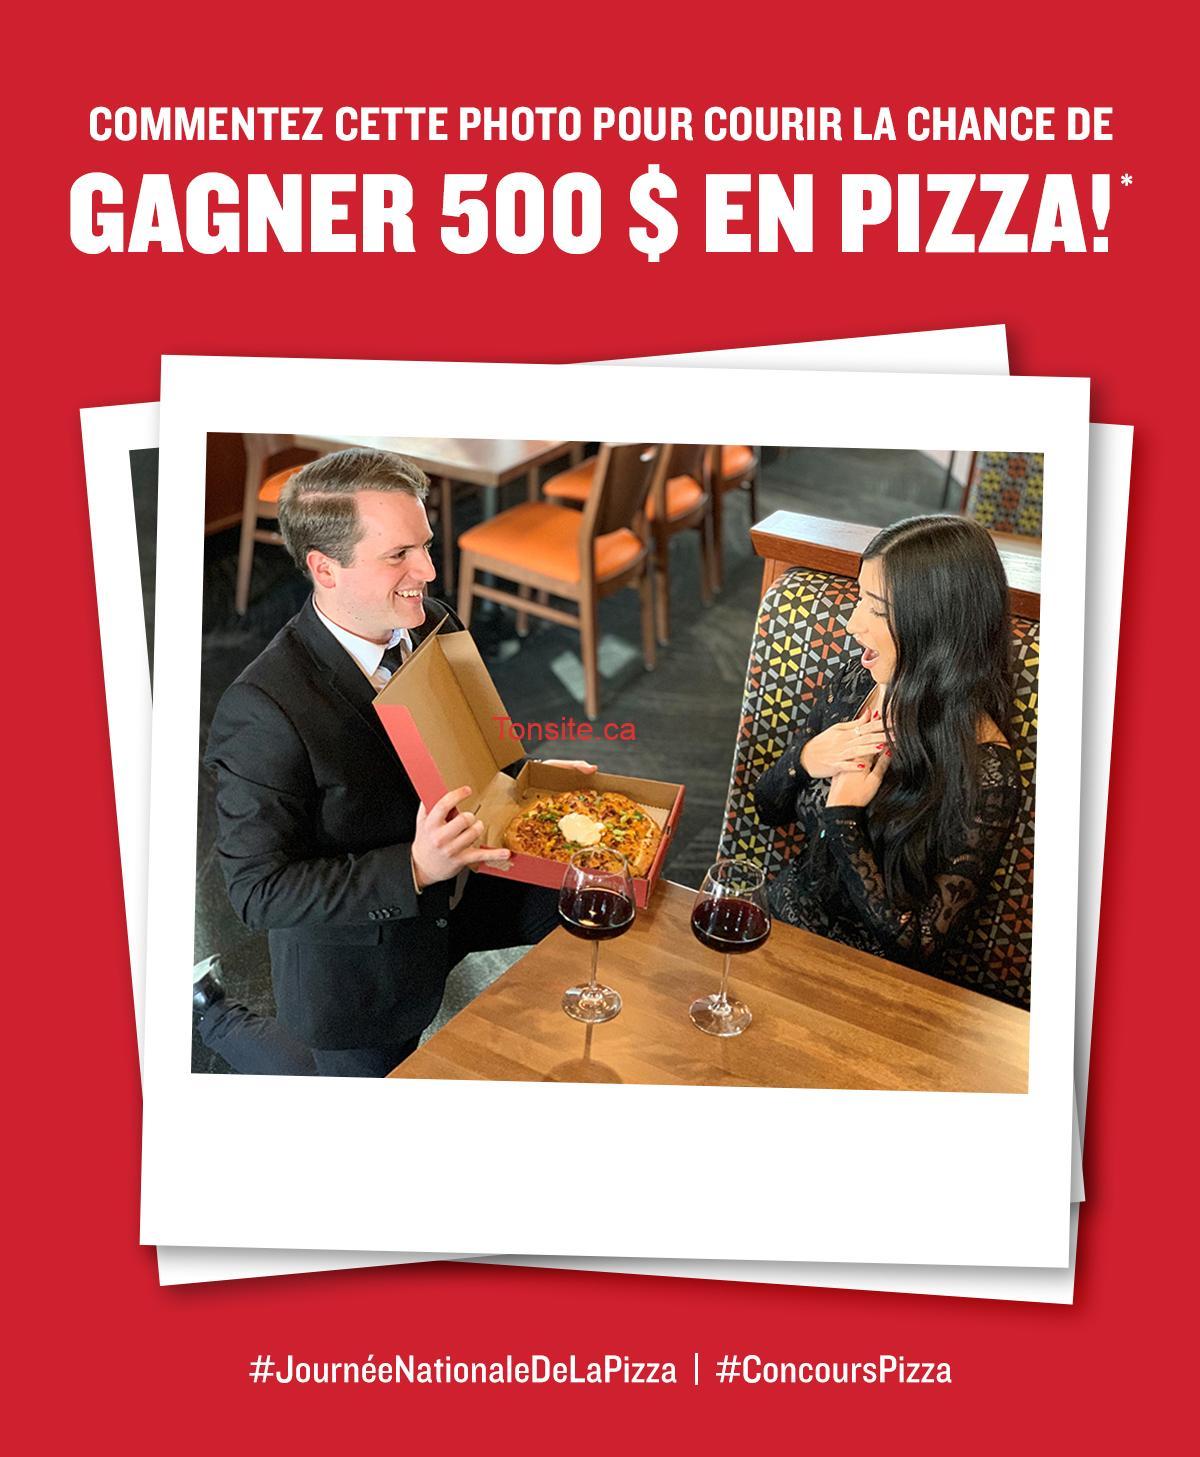 ei - Vous voulez gagner 500 $ en Pizza? Ne rater pas votre chance, aujourd'hui seulement!